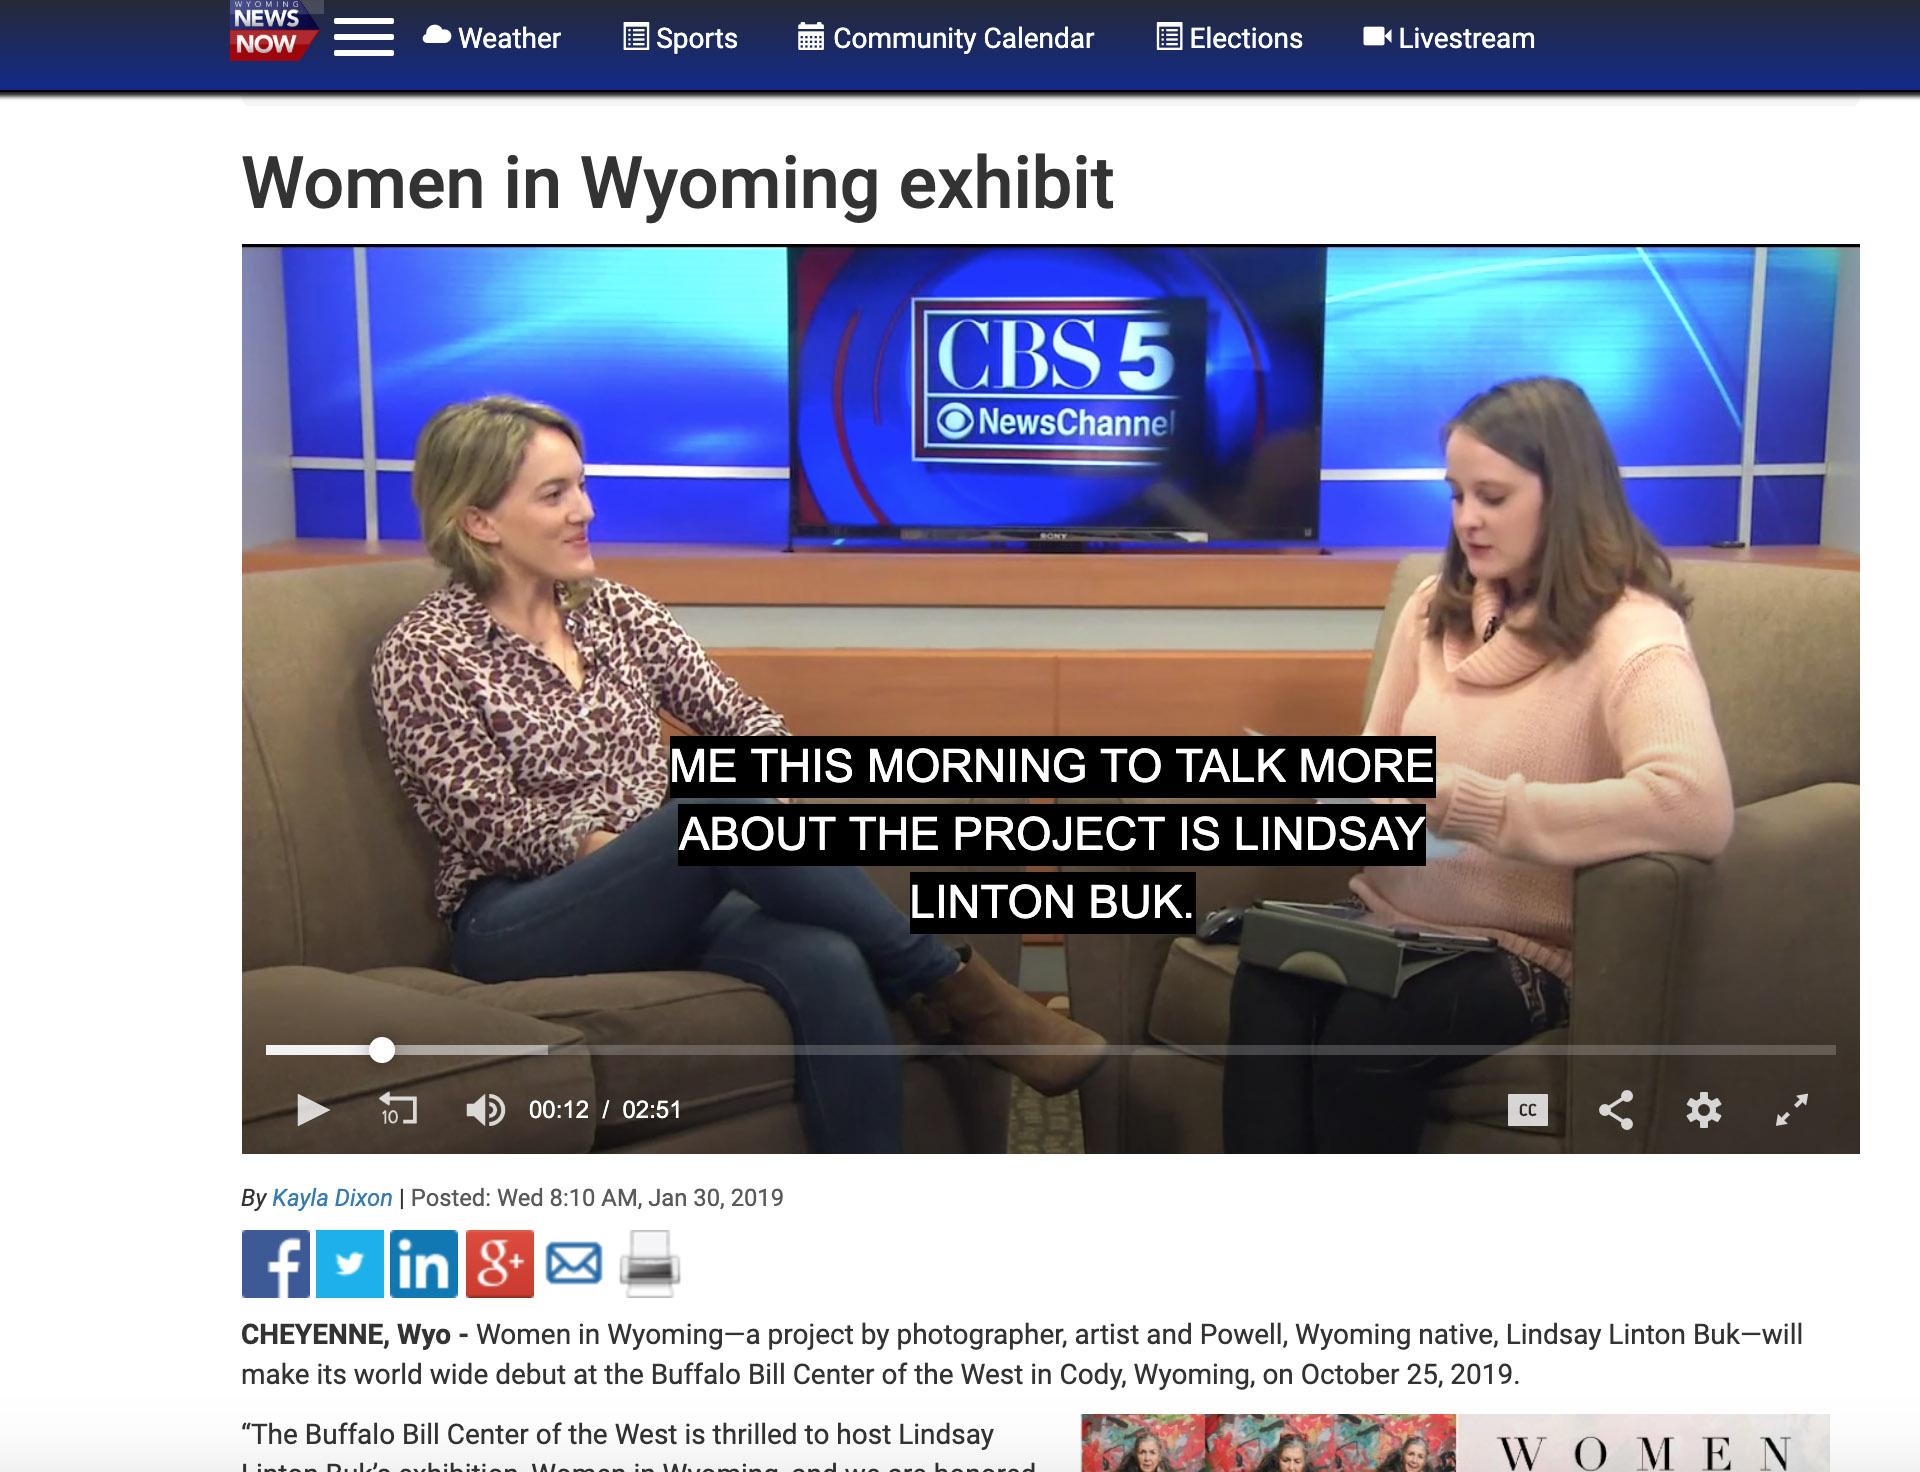 Women_in_Wyoming_Press_WNN.jpg